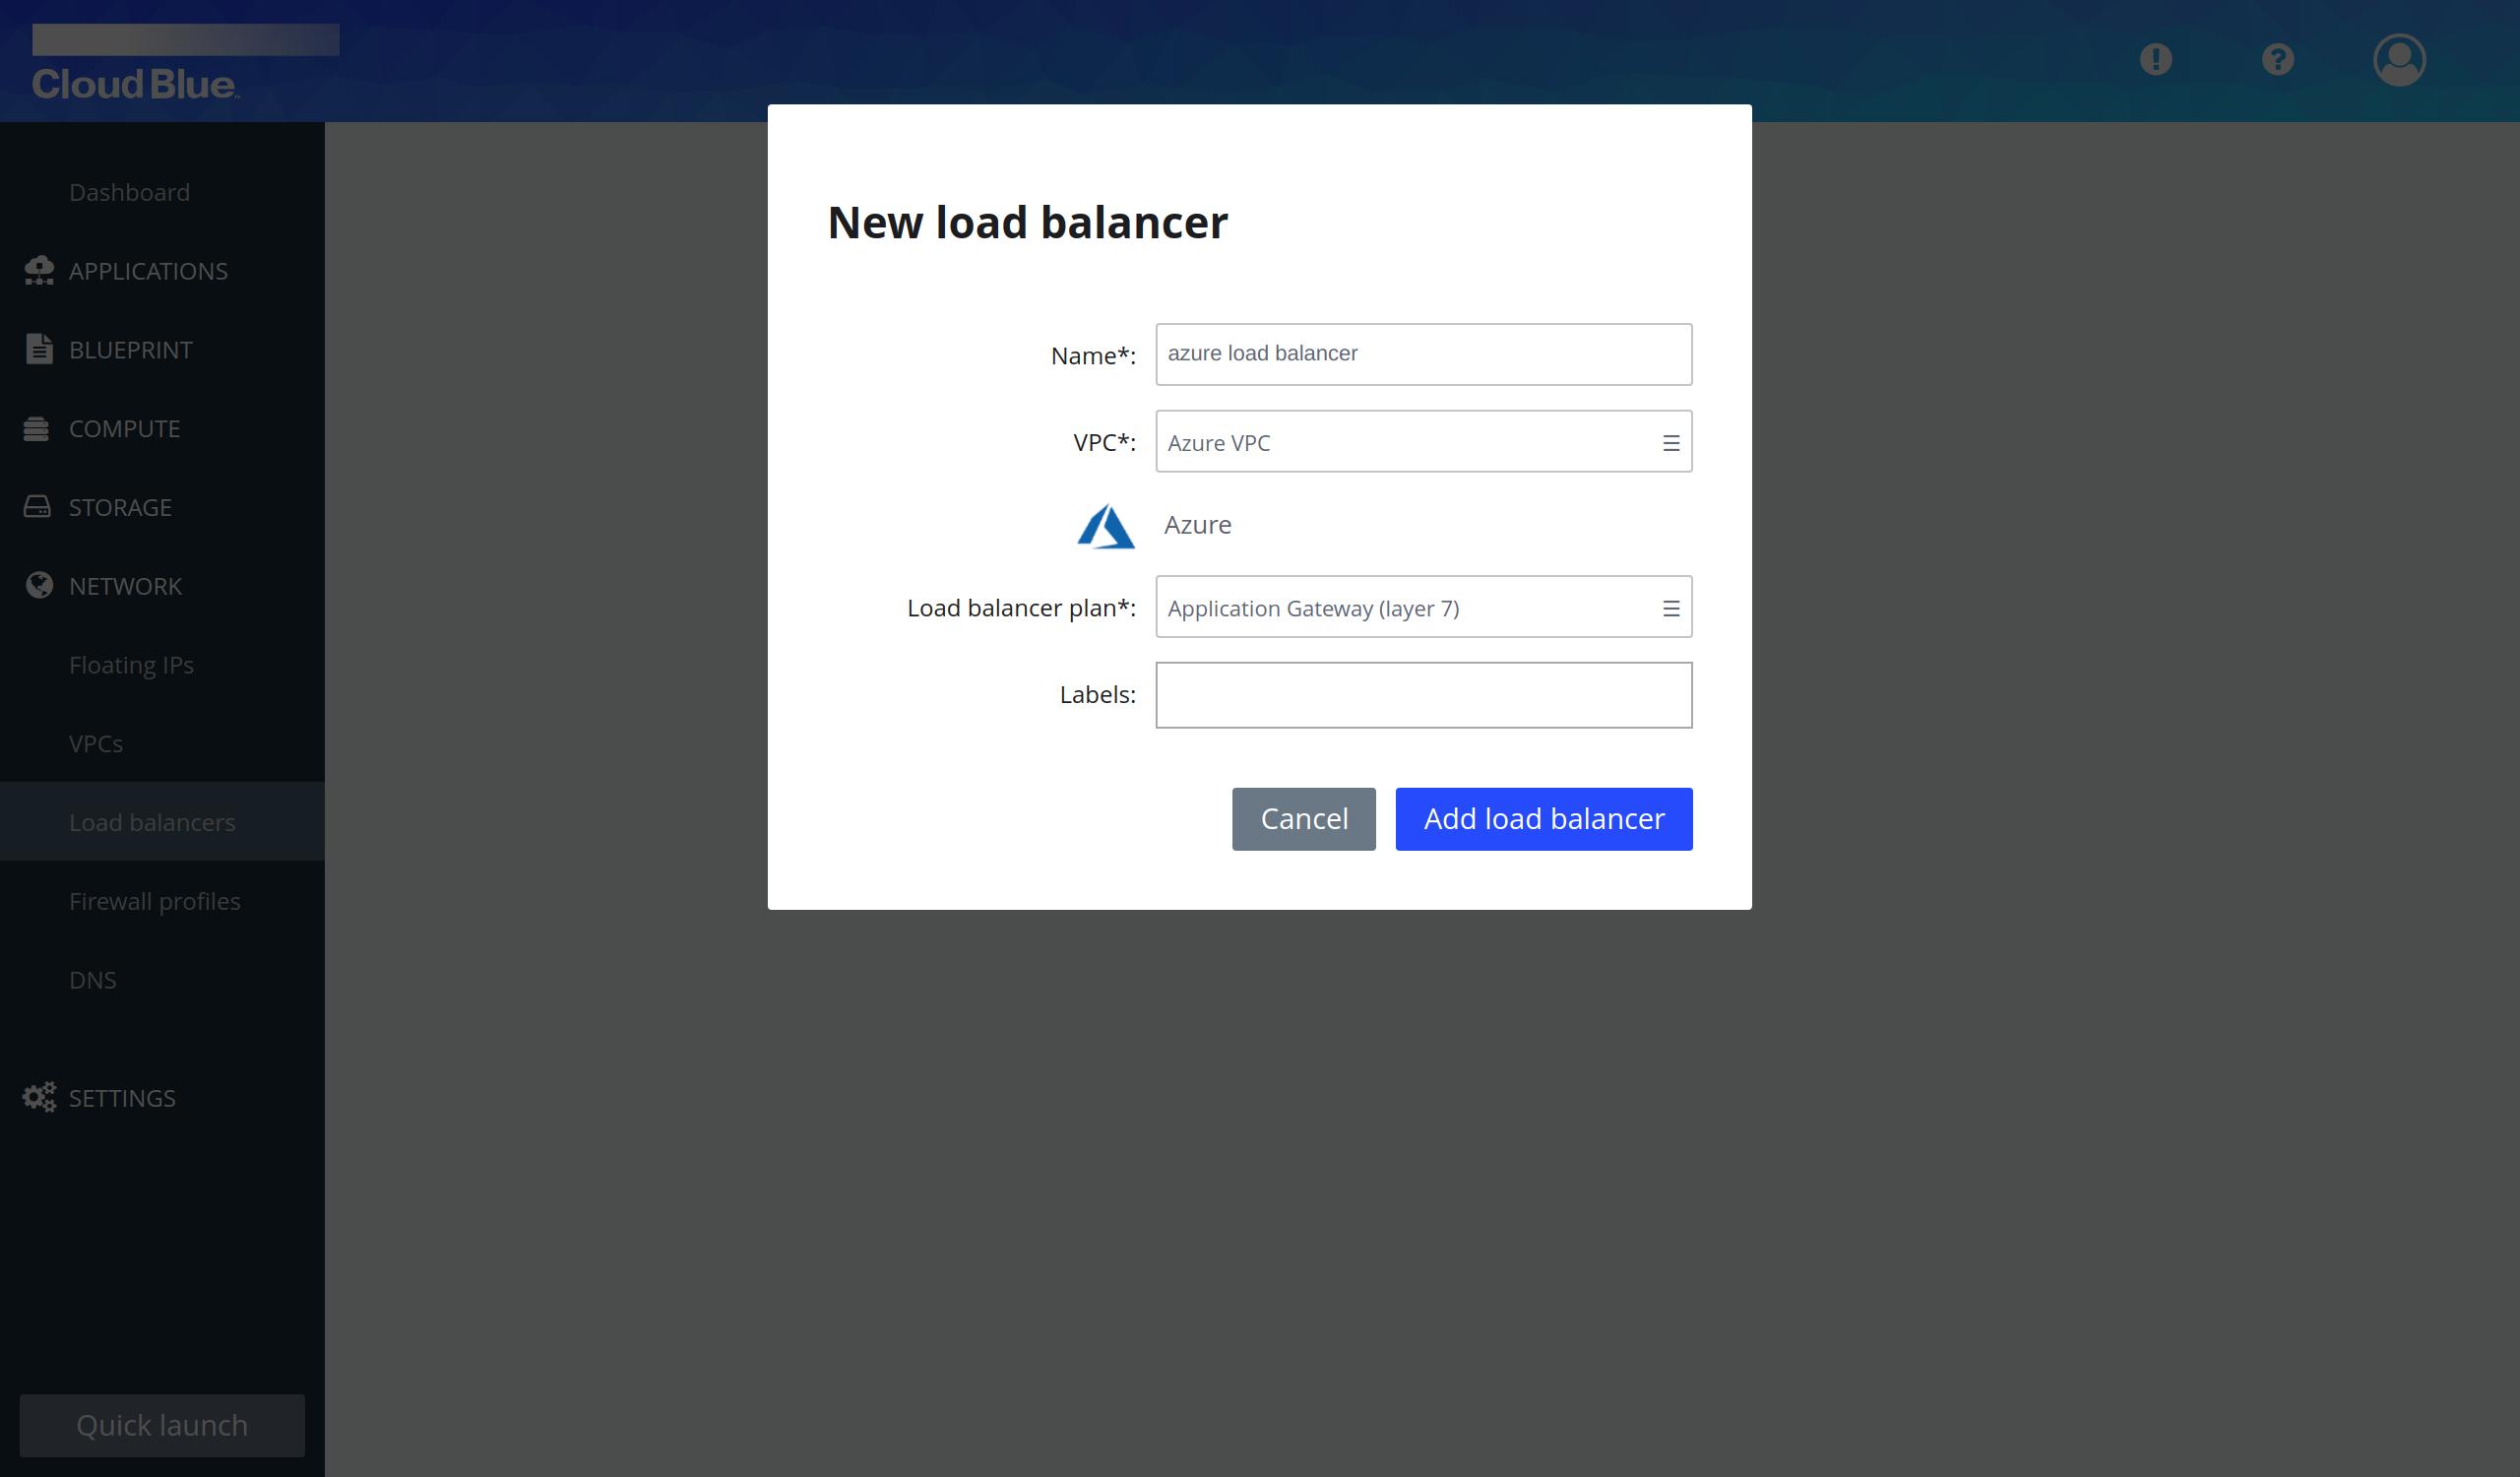 Load balancer creation pop-up